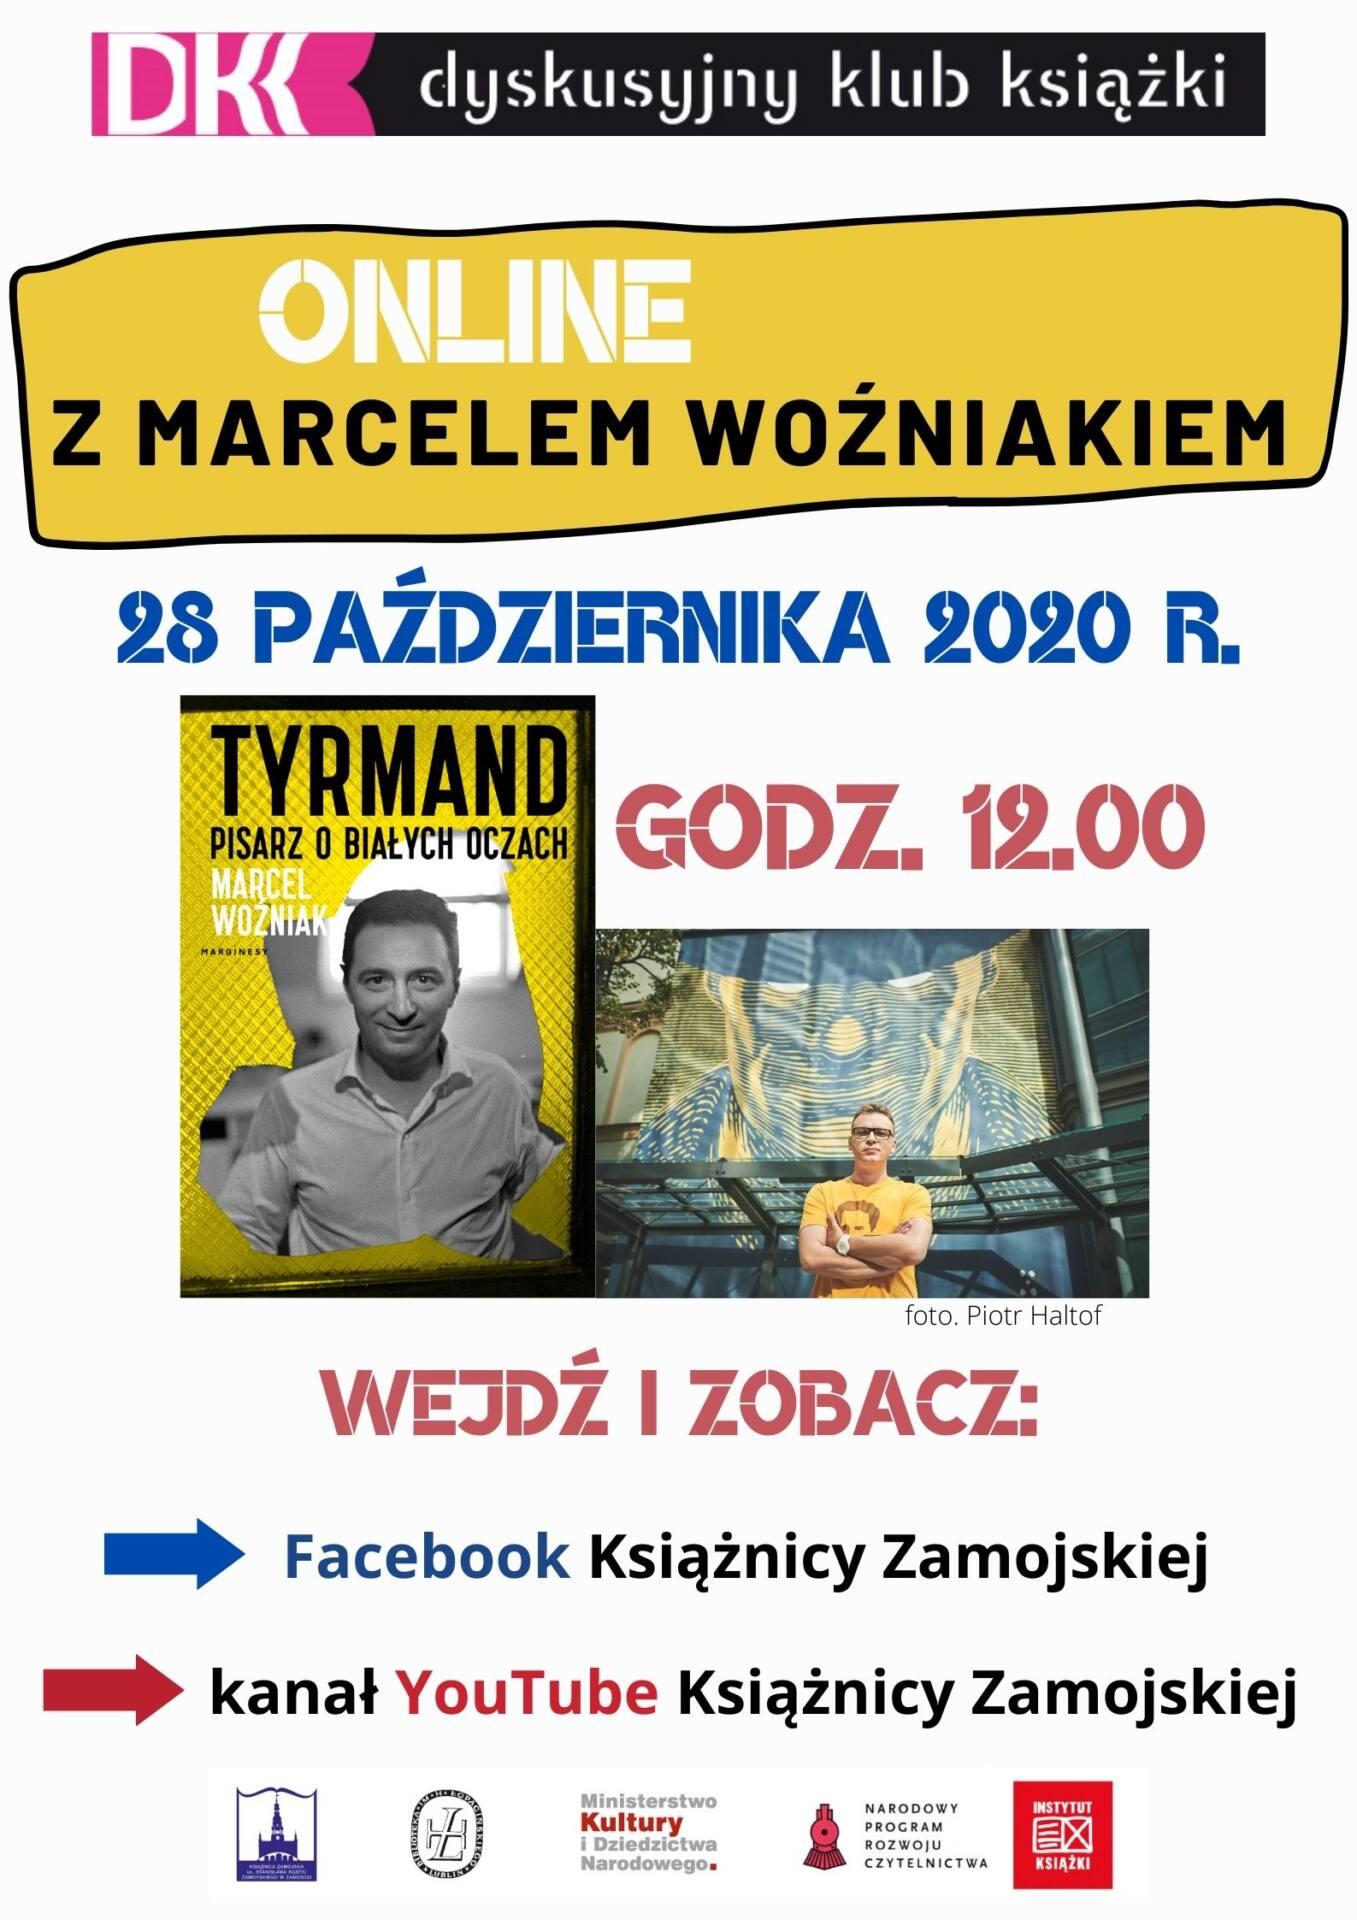 2 wozniak dkk wrzesien2020 Spotkanie online z Marcelem Woźniakiem. Książnica Zamojska zaprasza